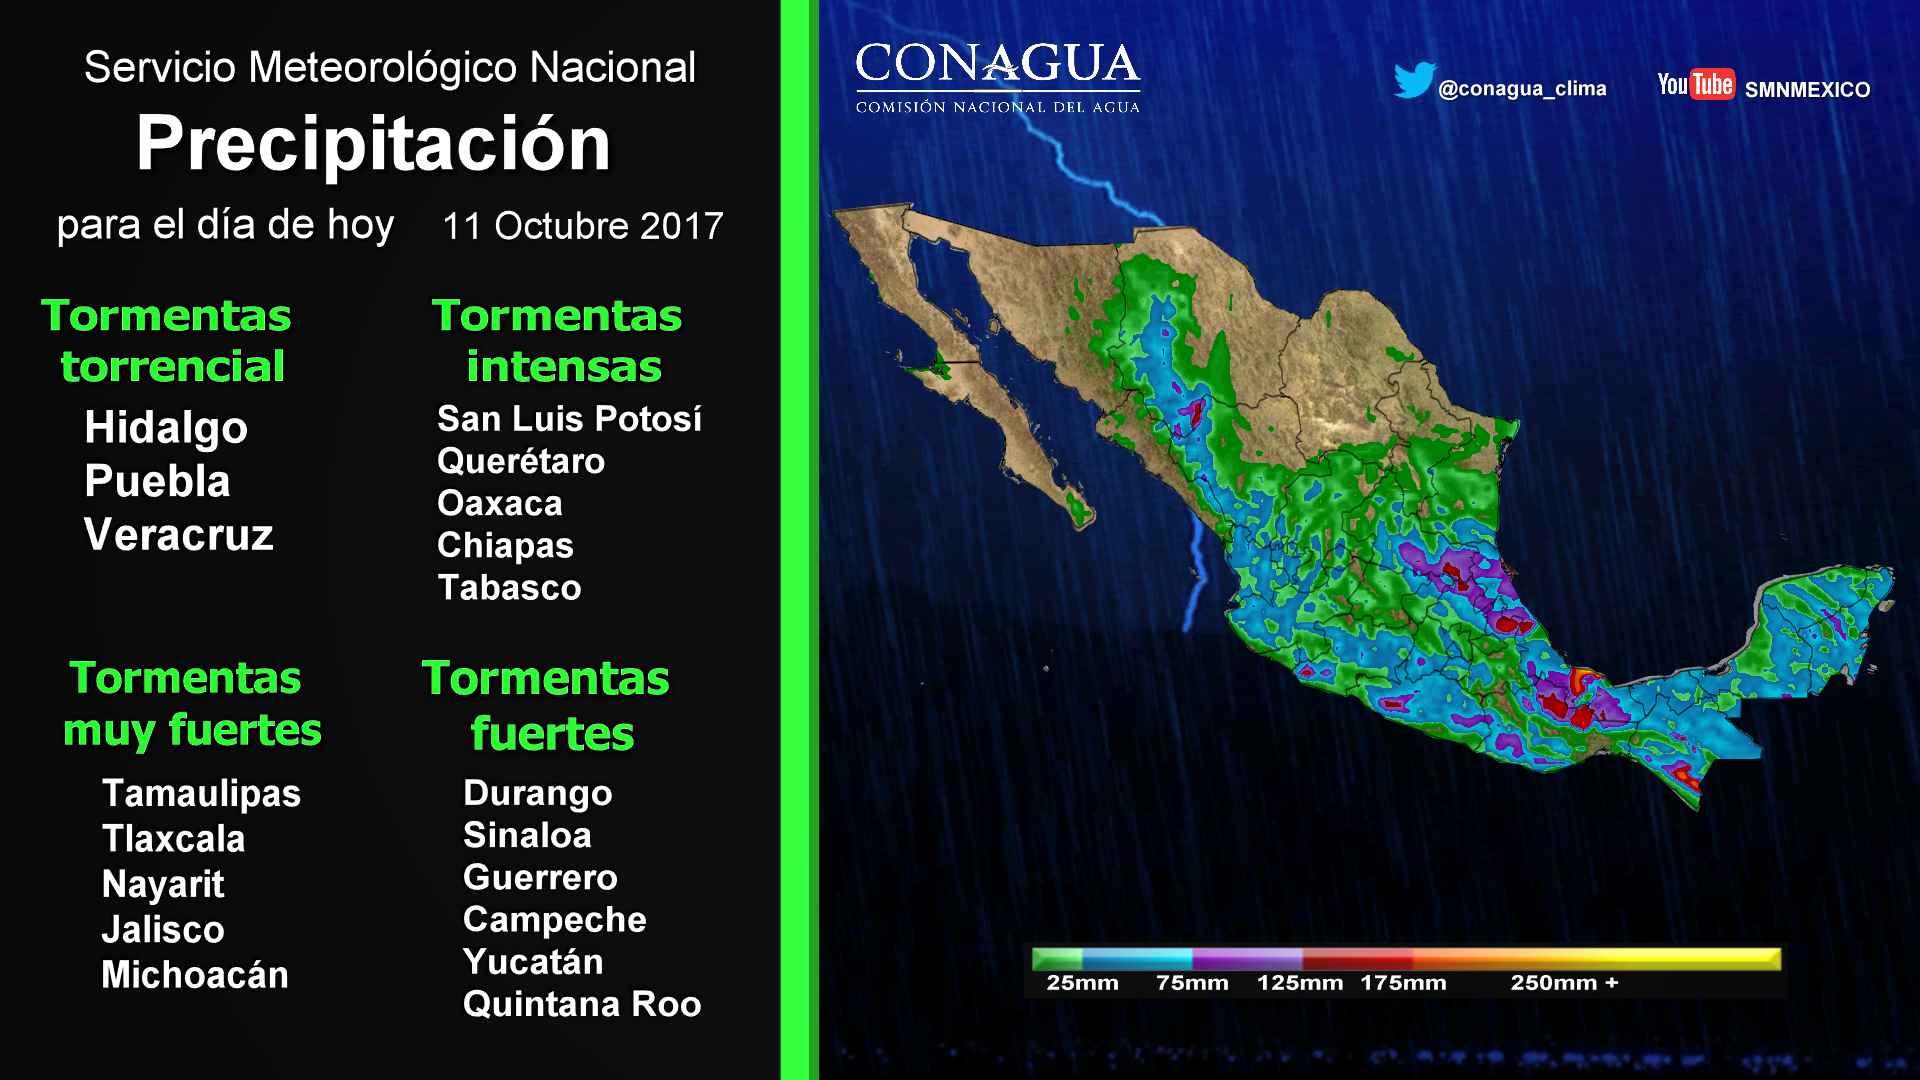 Se prevén tormentas torrenciales en áreas de Hidalgo, Puebla y Veracruz